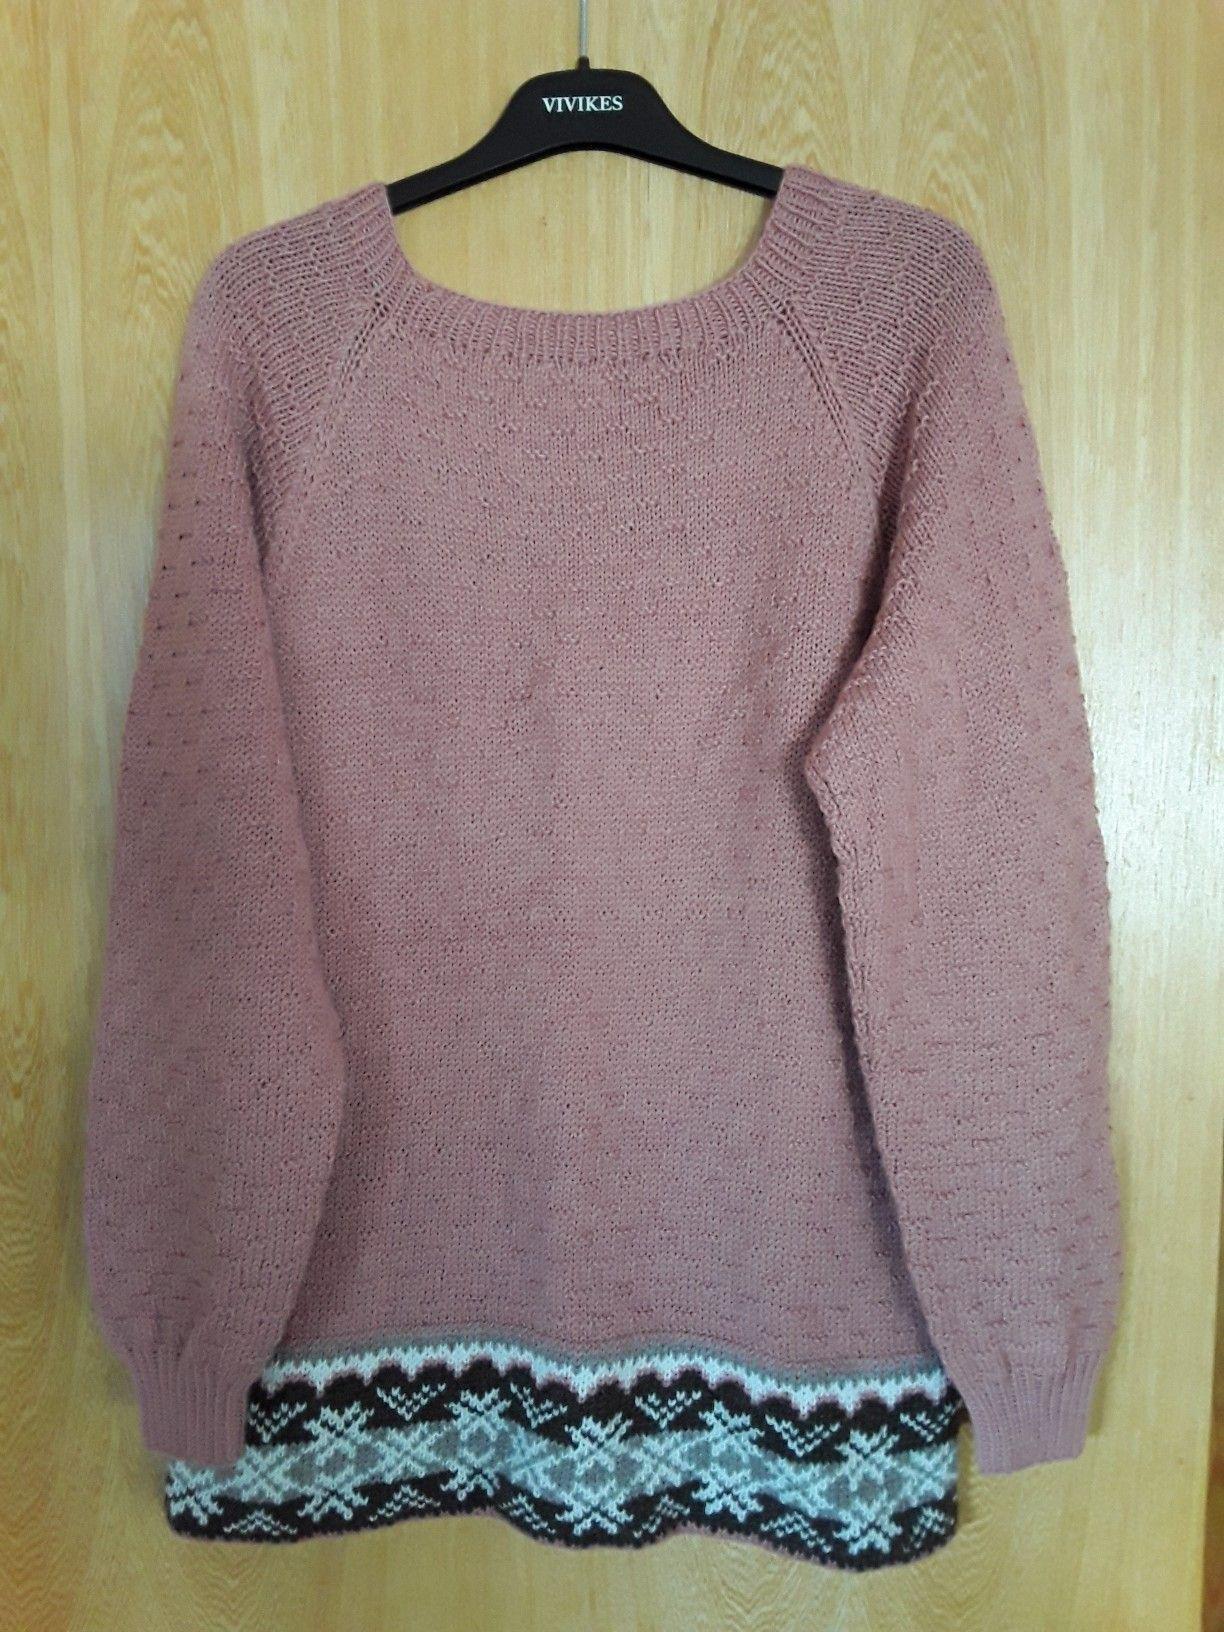 vivikes genser